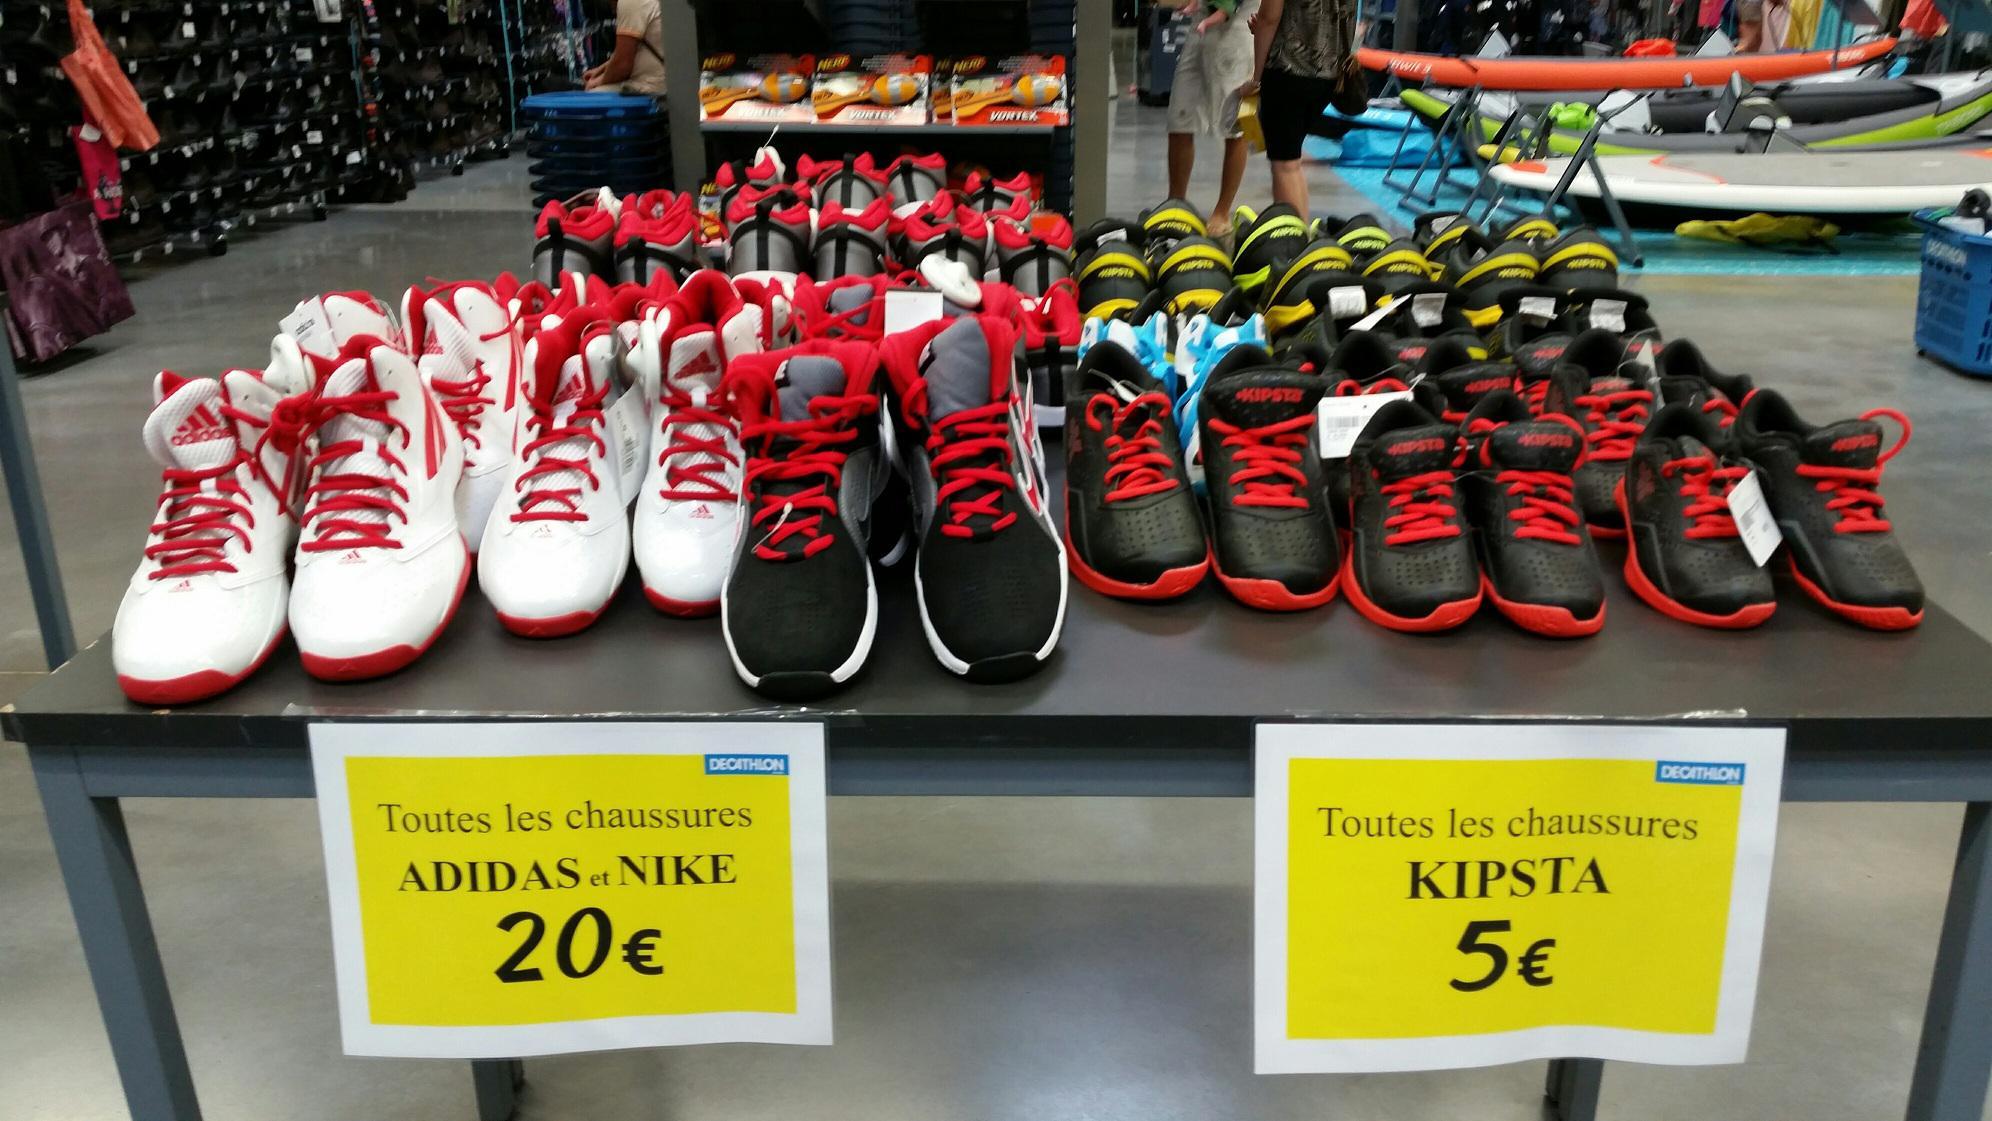 Déstockage : Sélection de baskets Adidas et Nike à 20€ et Kipsta